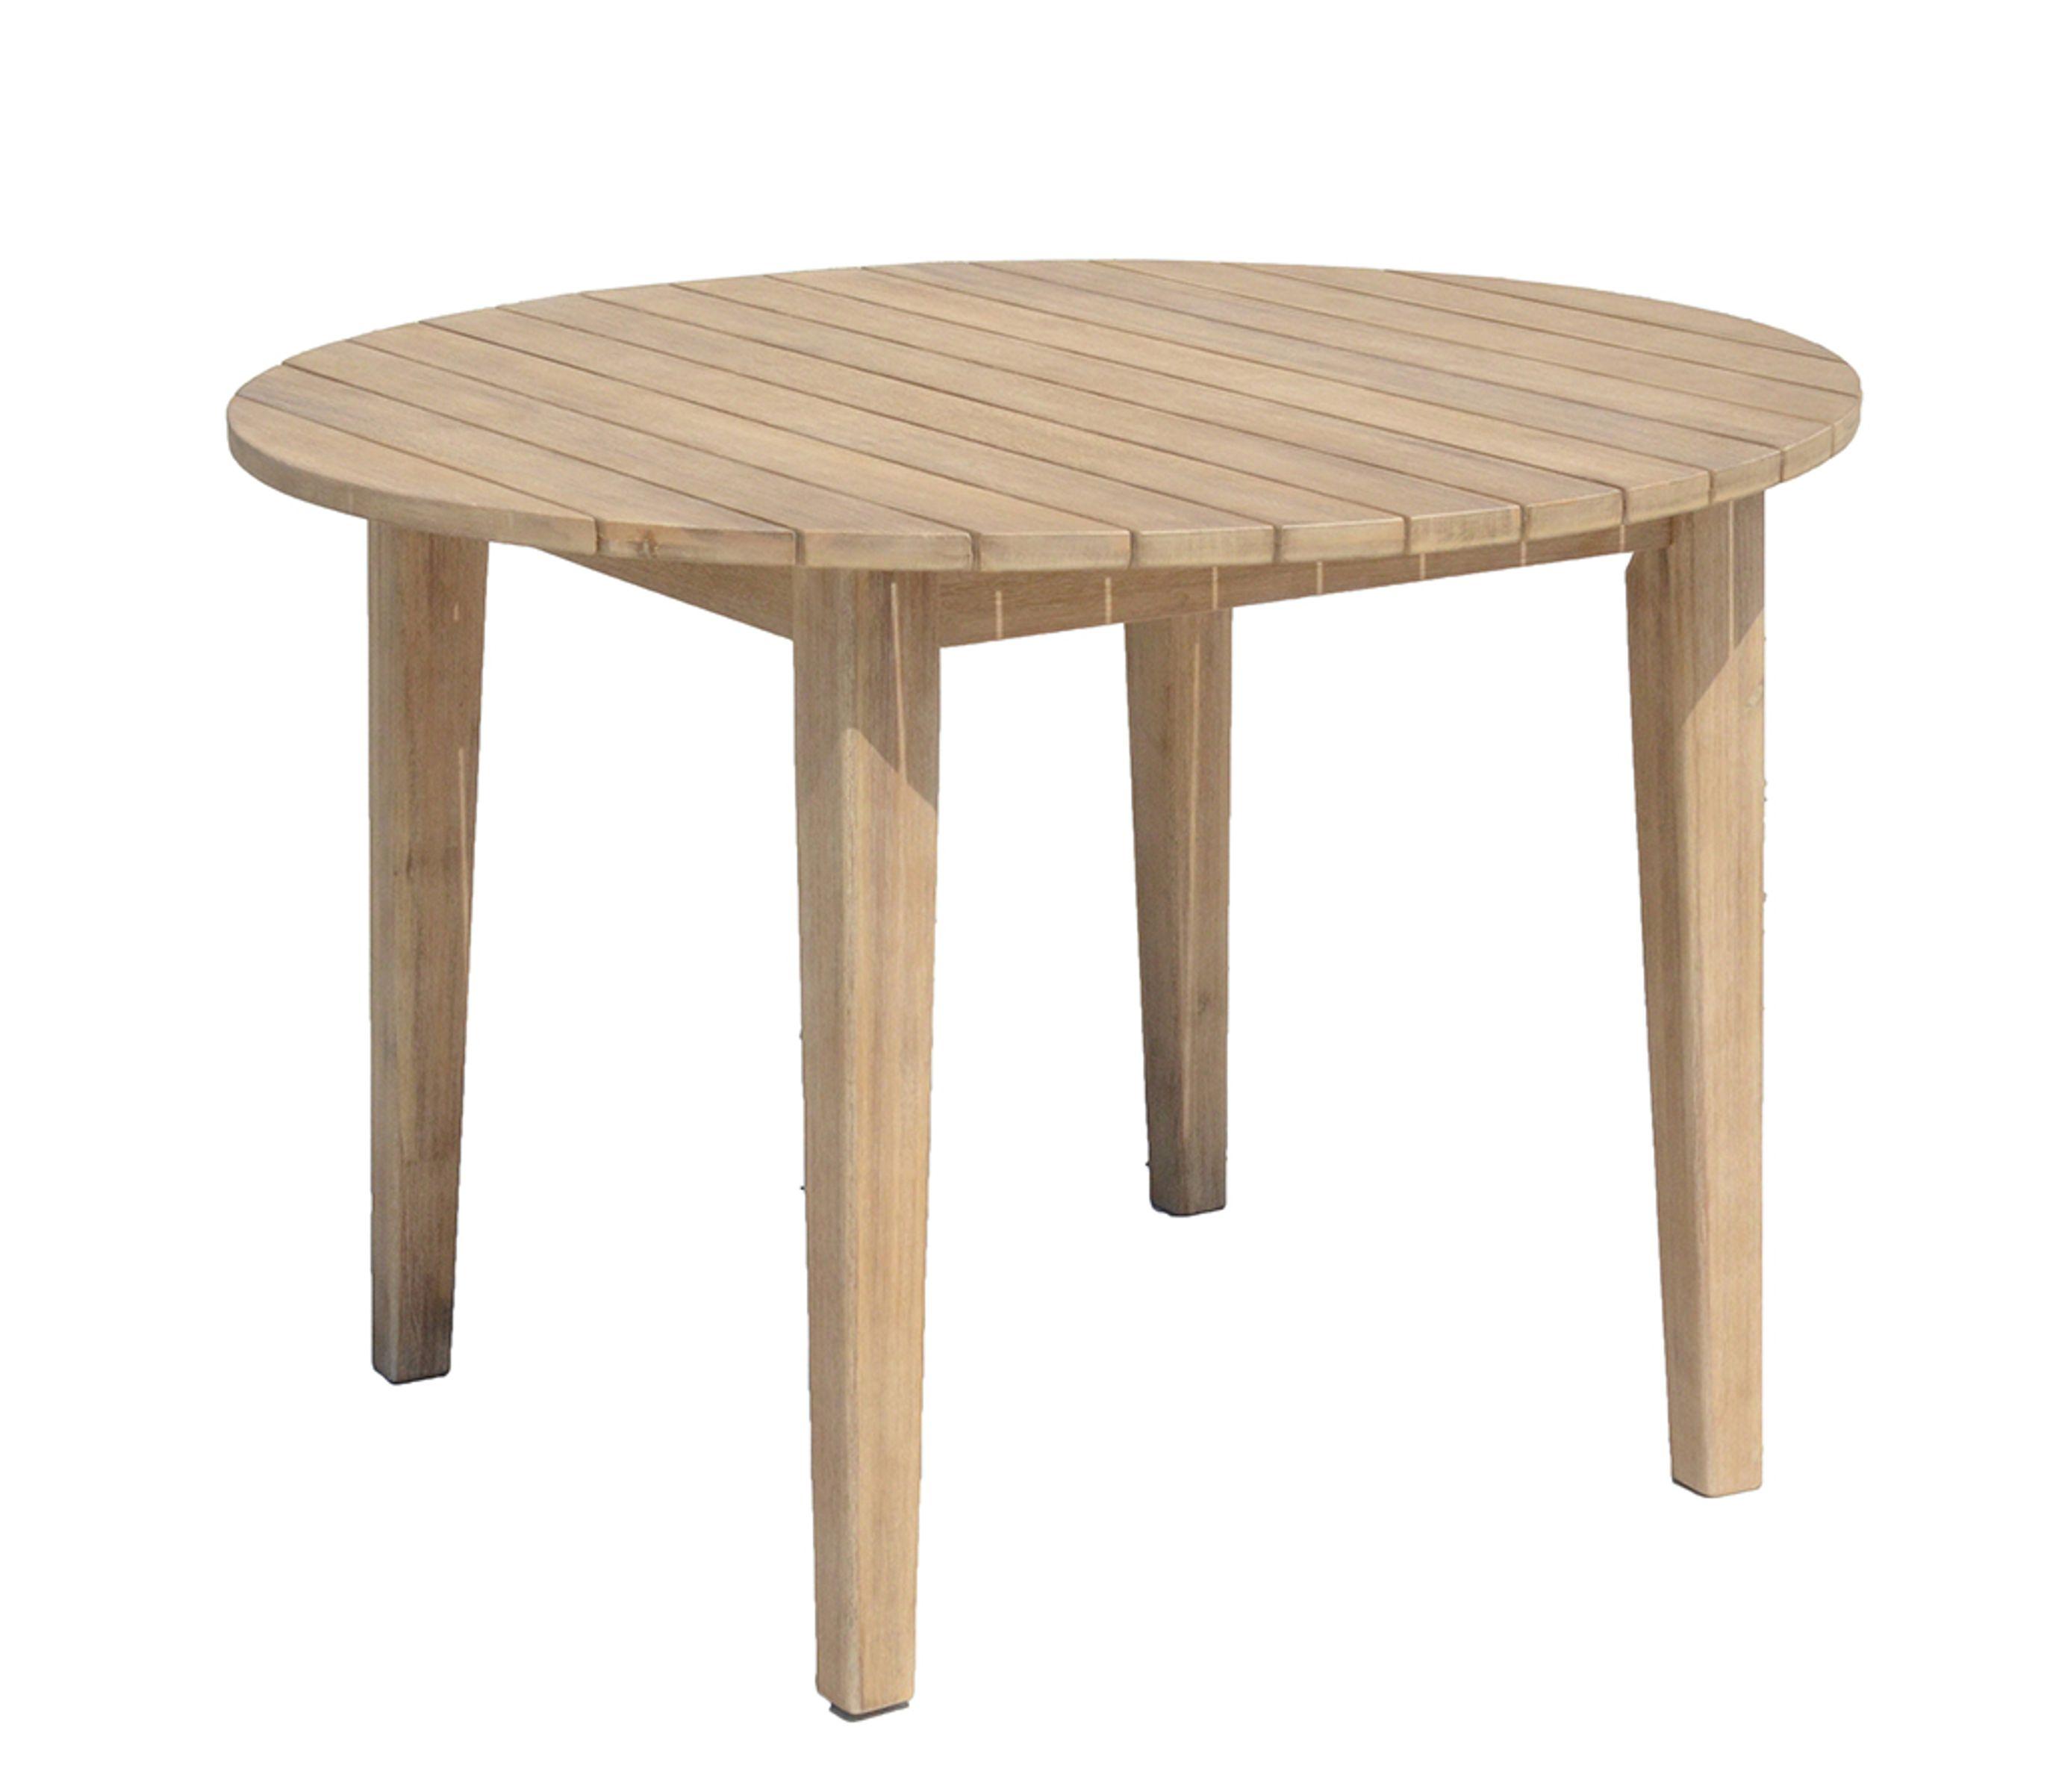 Tisch Holztisch Gartentisch Esstisch Tisch Garten Balkon Terrasse Holz  Akazie